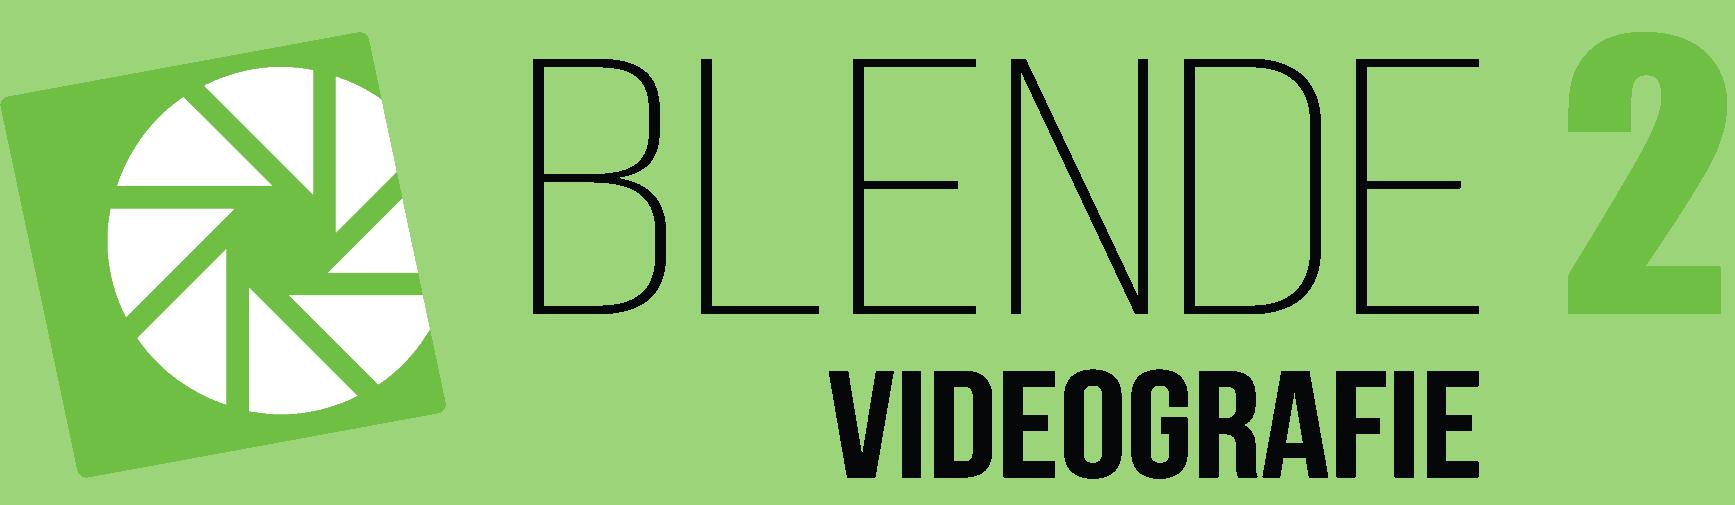 Blende 2 Videografie